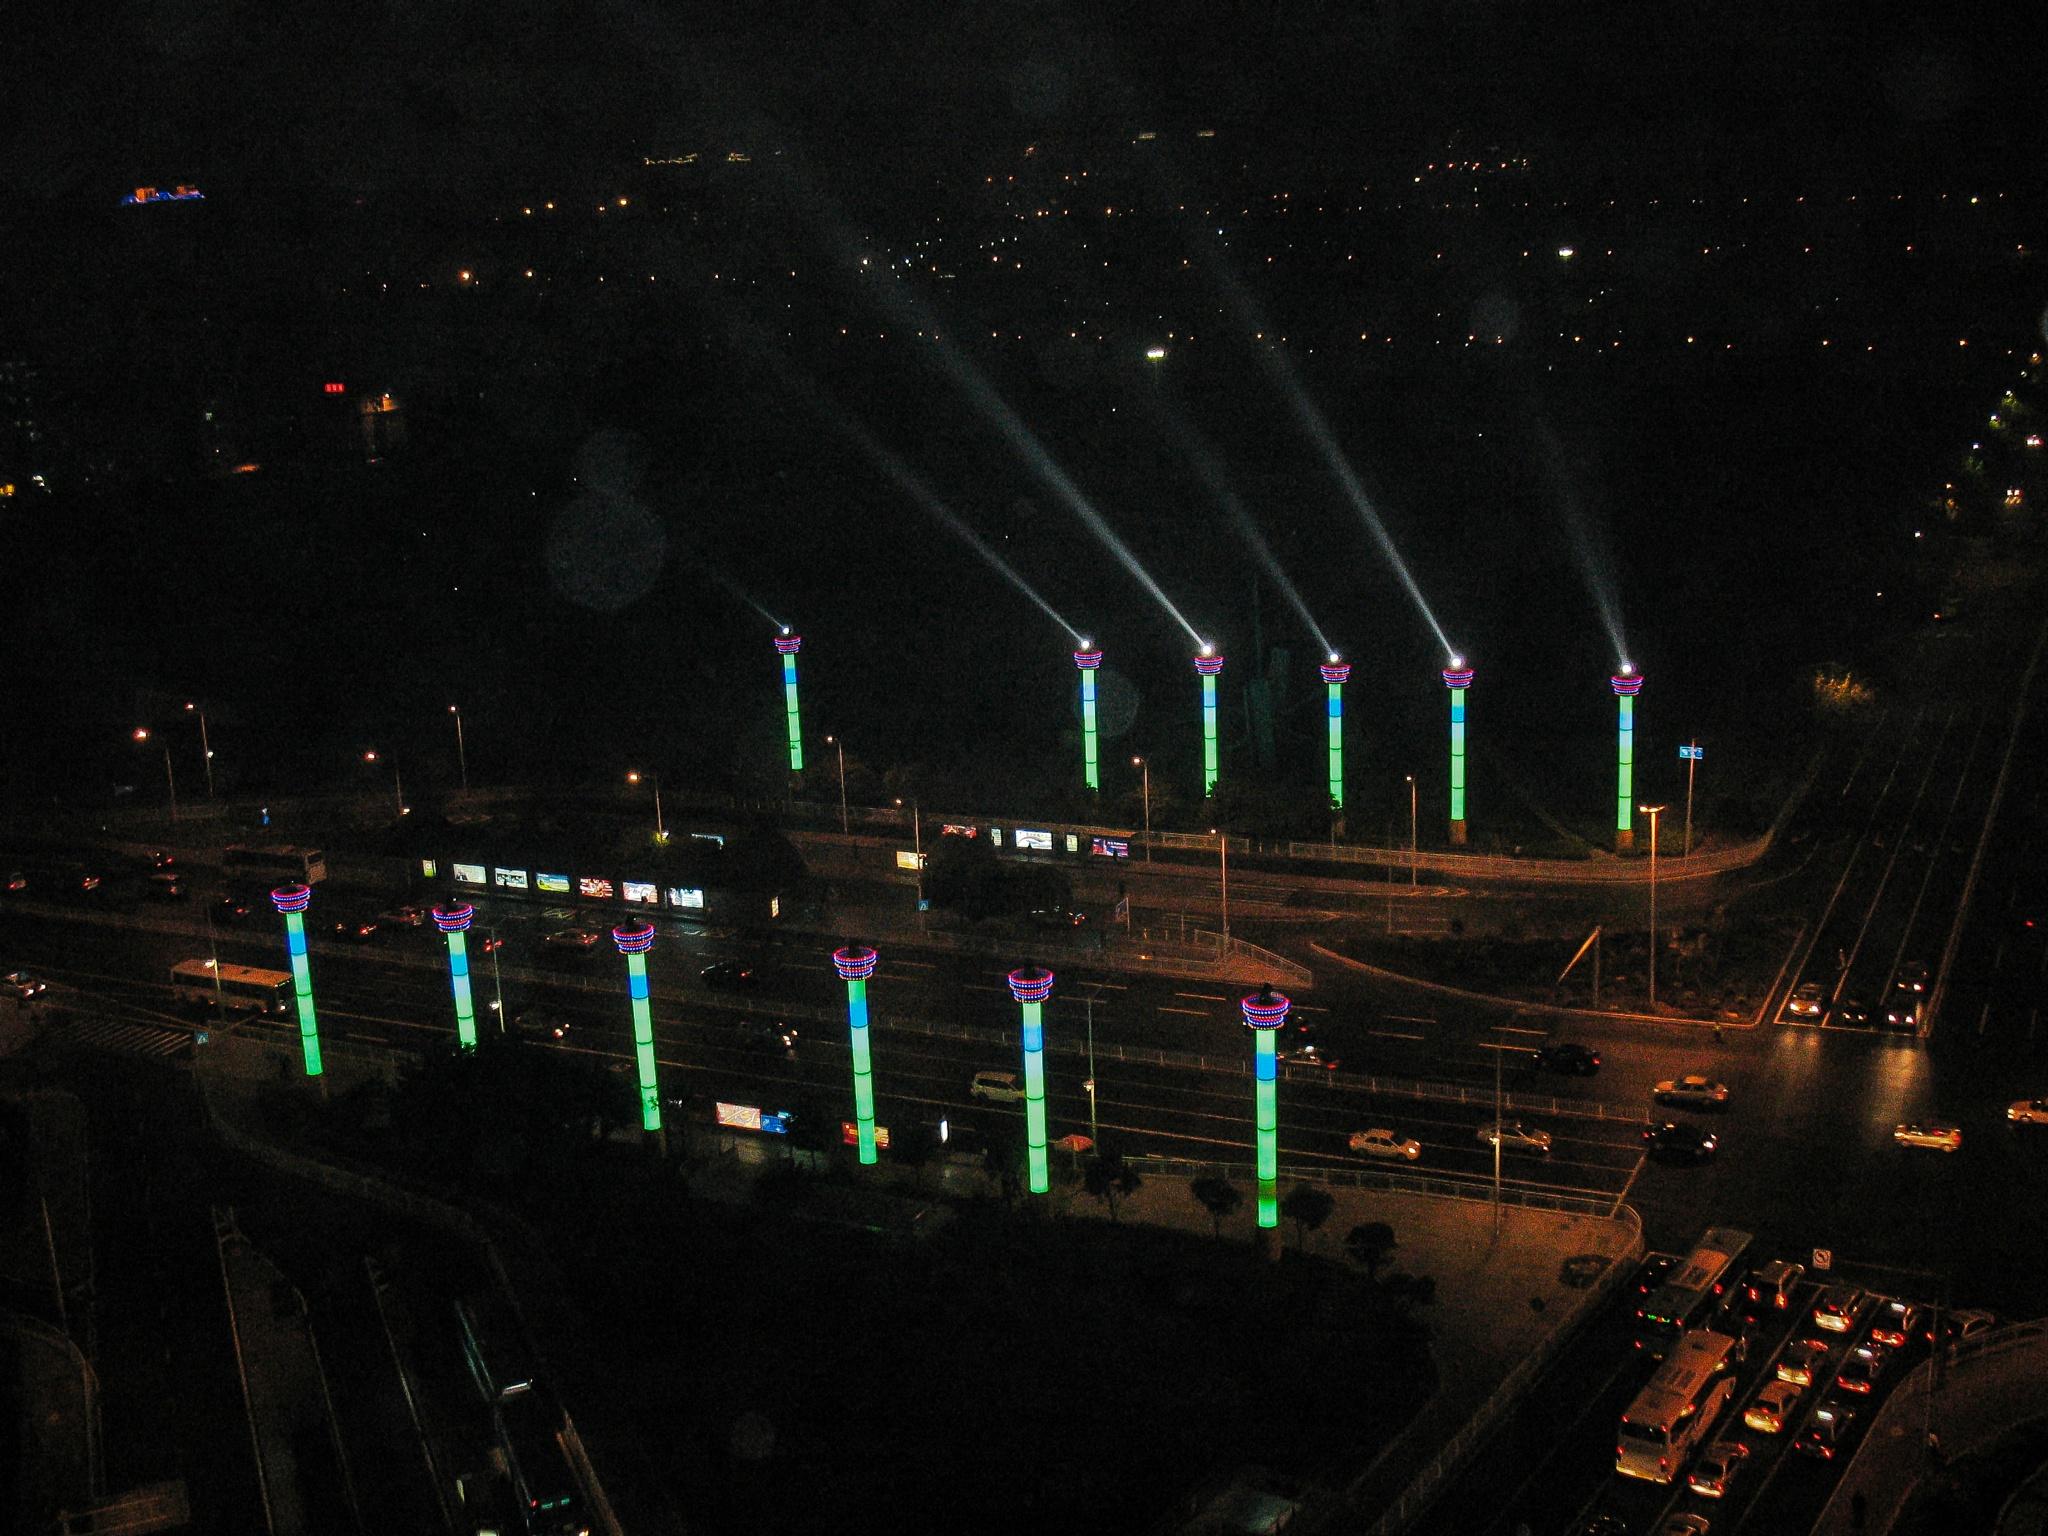 Shenzhen street lights by Mohamed SalahEldin